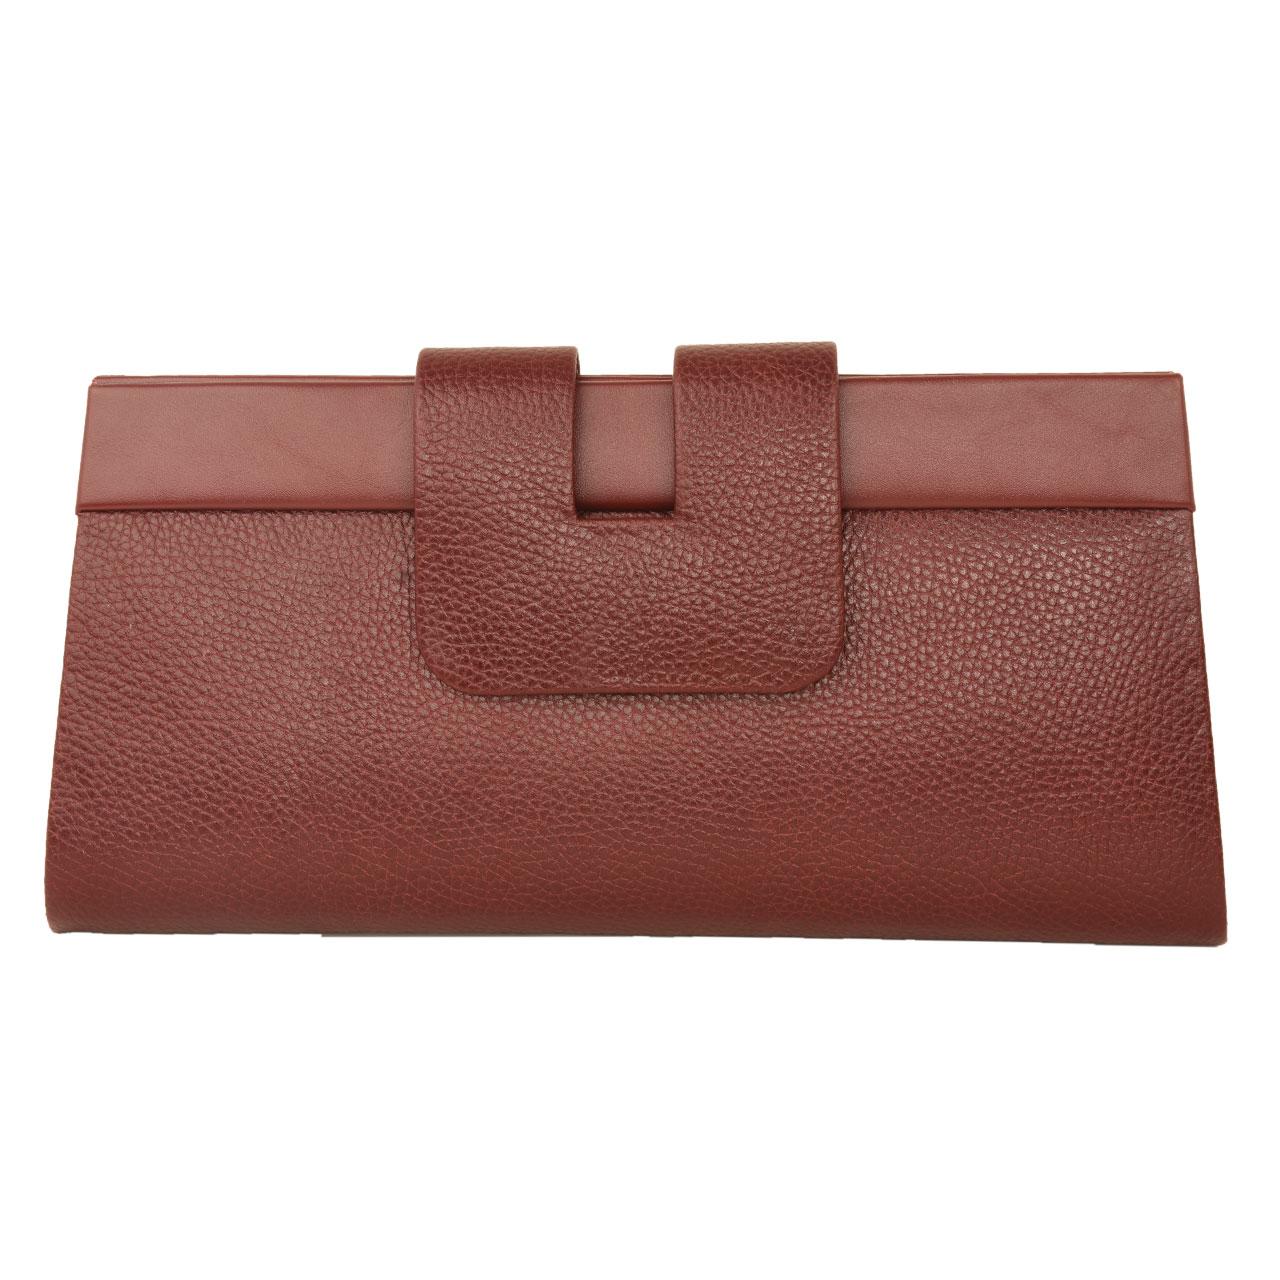 کیف دستی زنانه پارینه مدل PlV126-12-1542